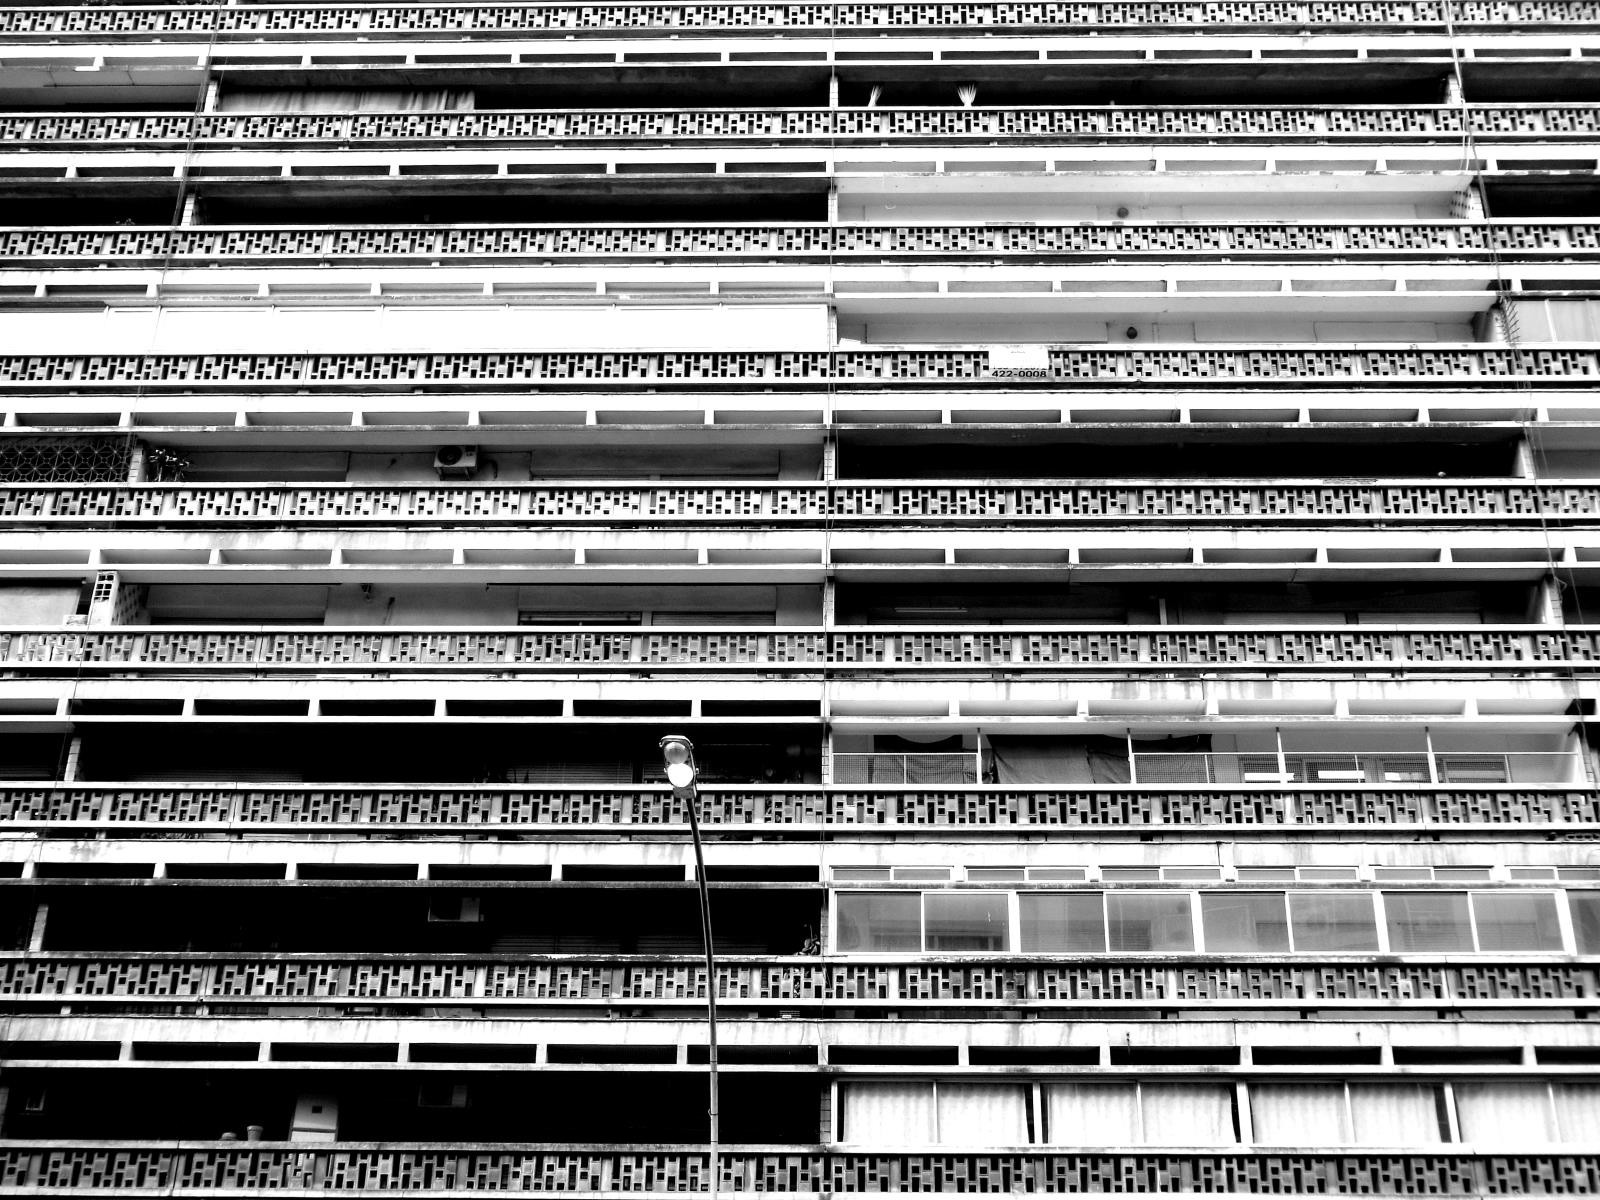 Lo mejor de Flickr en Plataforma Arquitectura / Noviembre 2013, © Usuario de Flickr: Gonzalo Viramonte